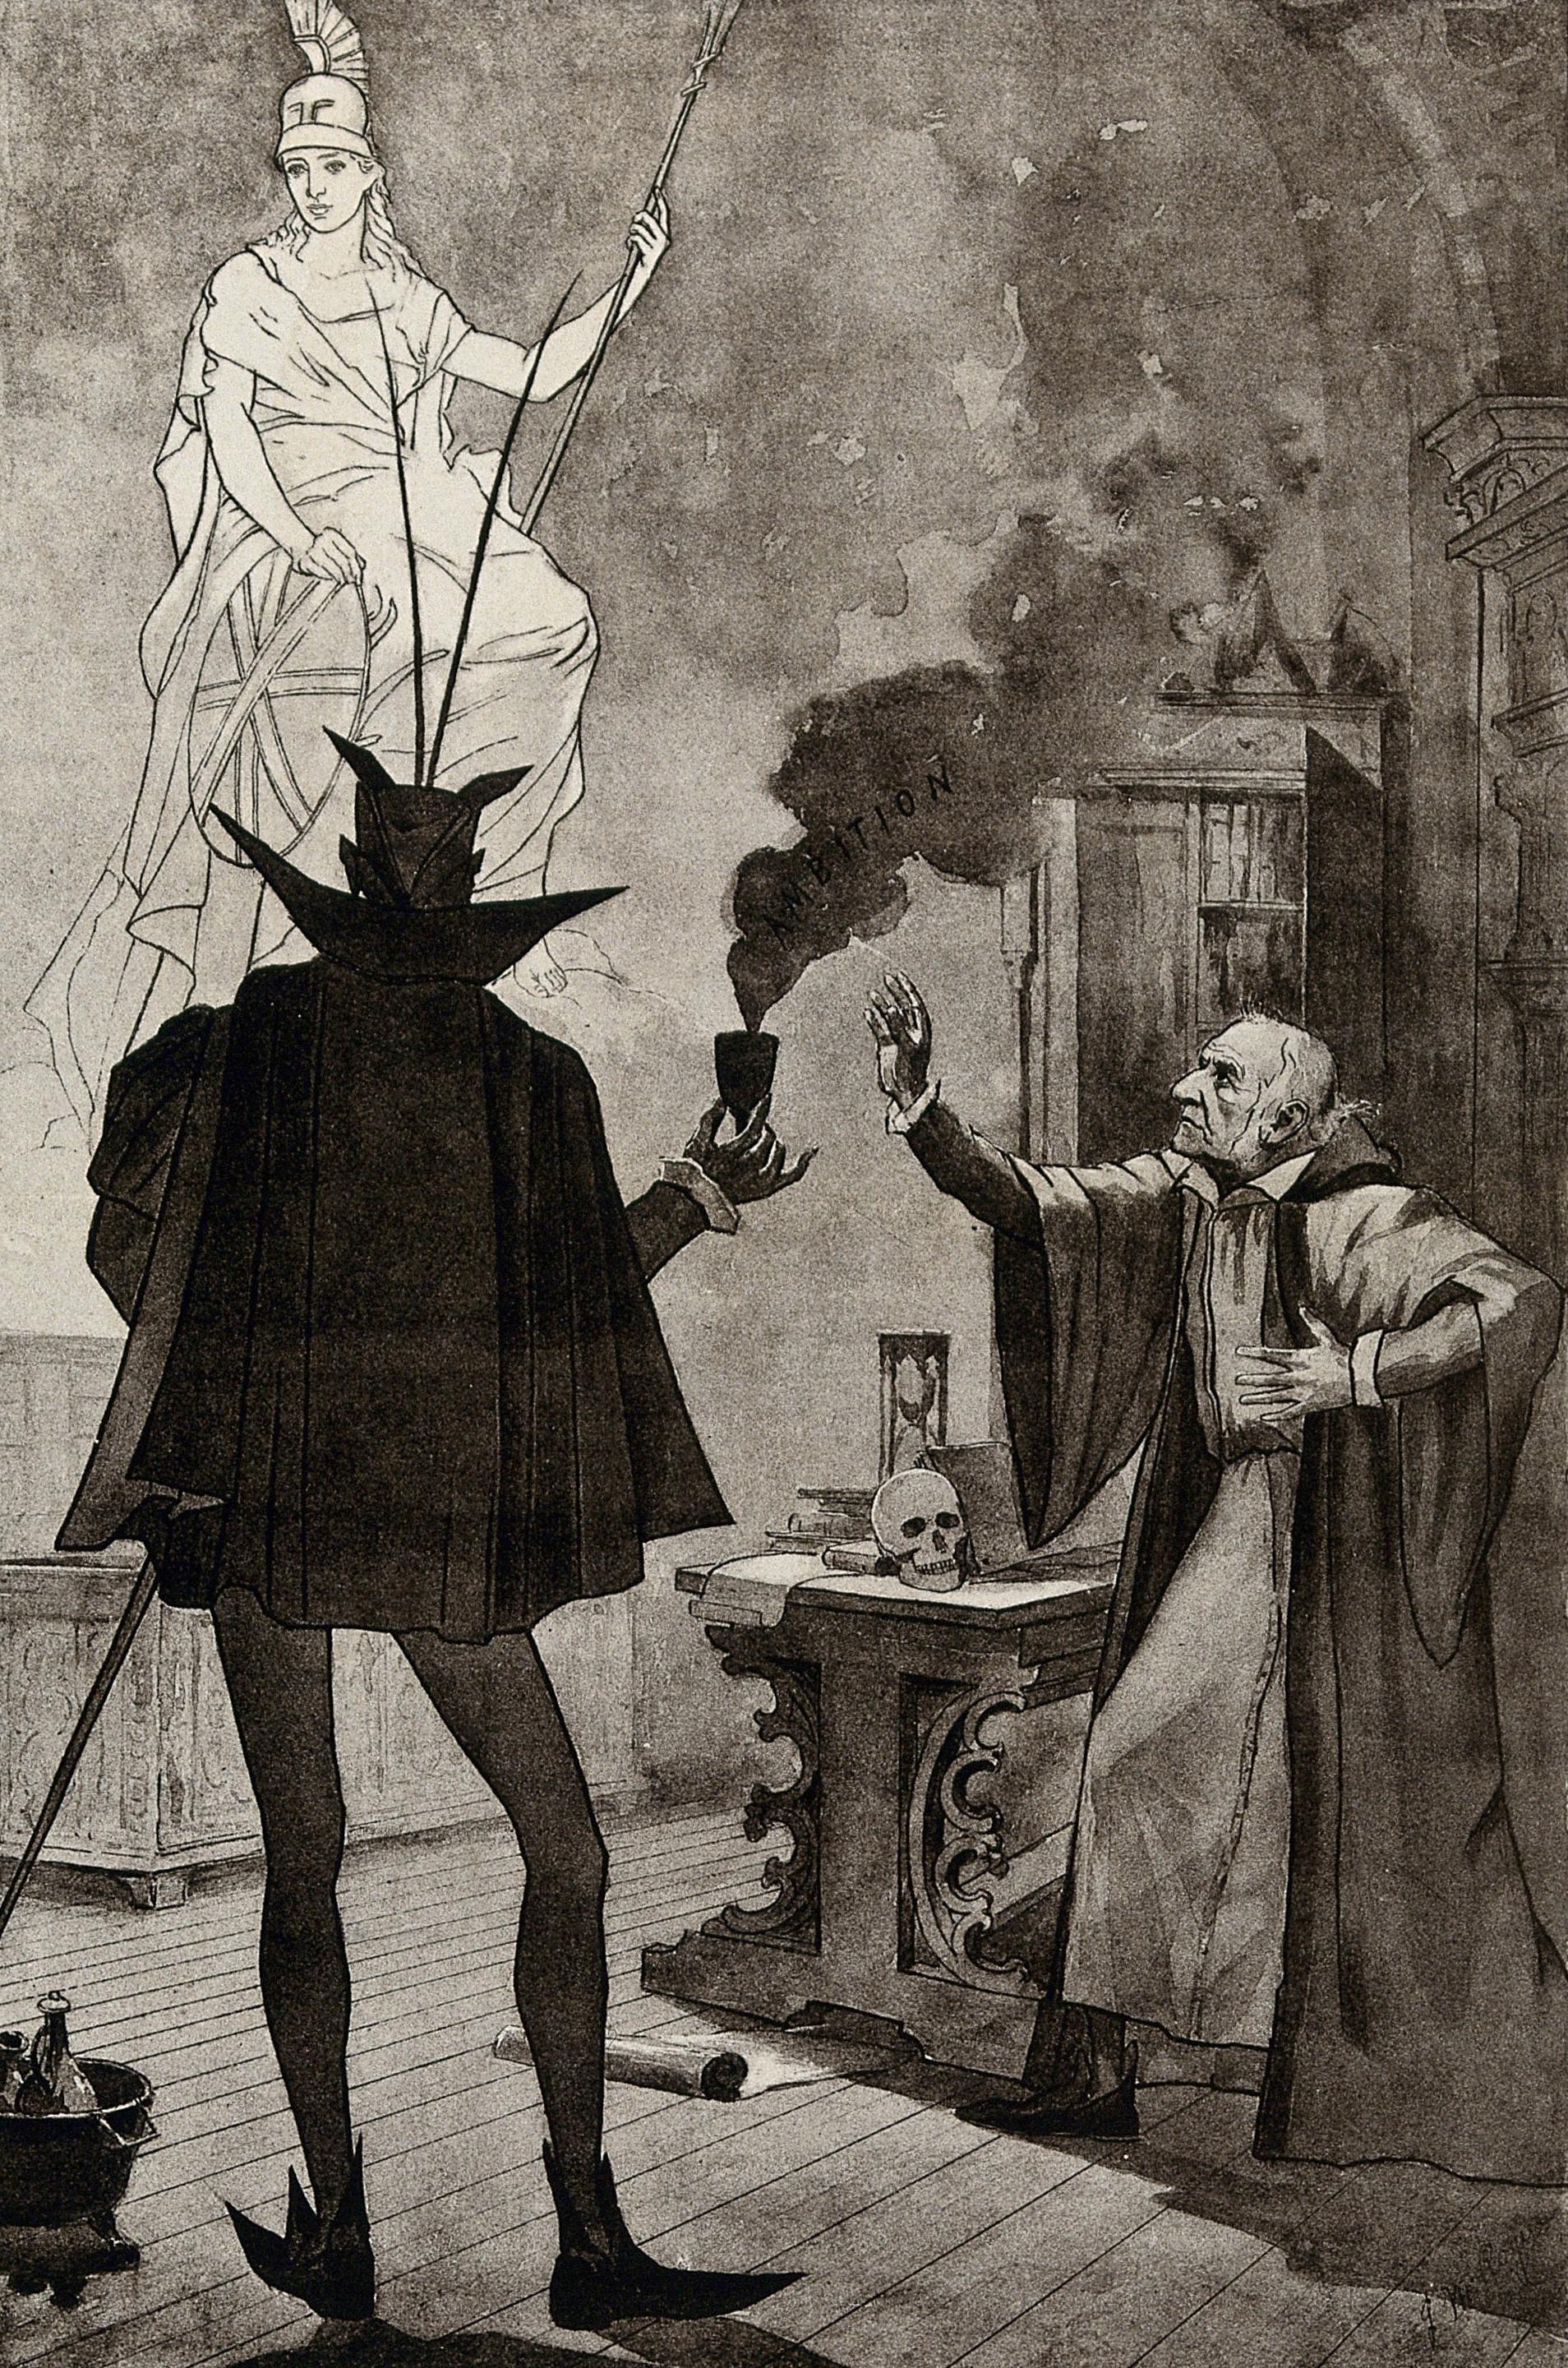 Ilustrasi satir bernuansa politik menggambarkan William Gladstone sebagai Dr. Faust yang melakukan perjanjian dengan iblis. ©1885 Wellcome Library London